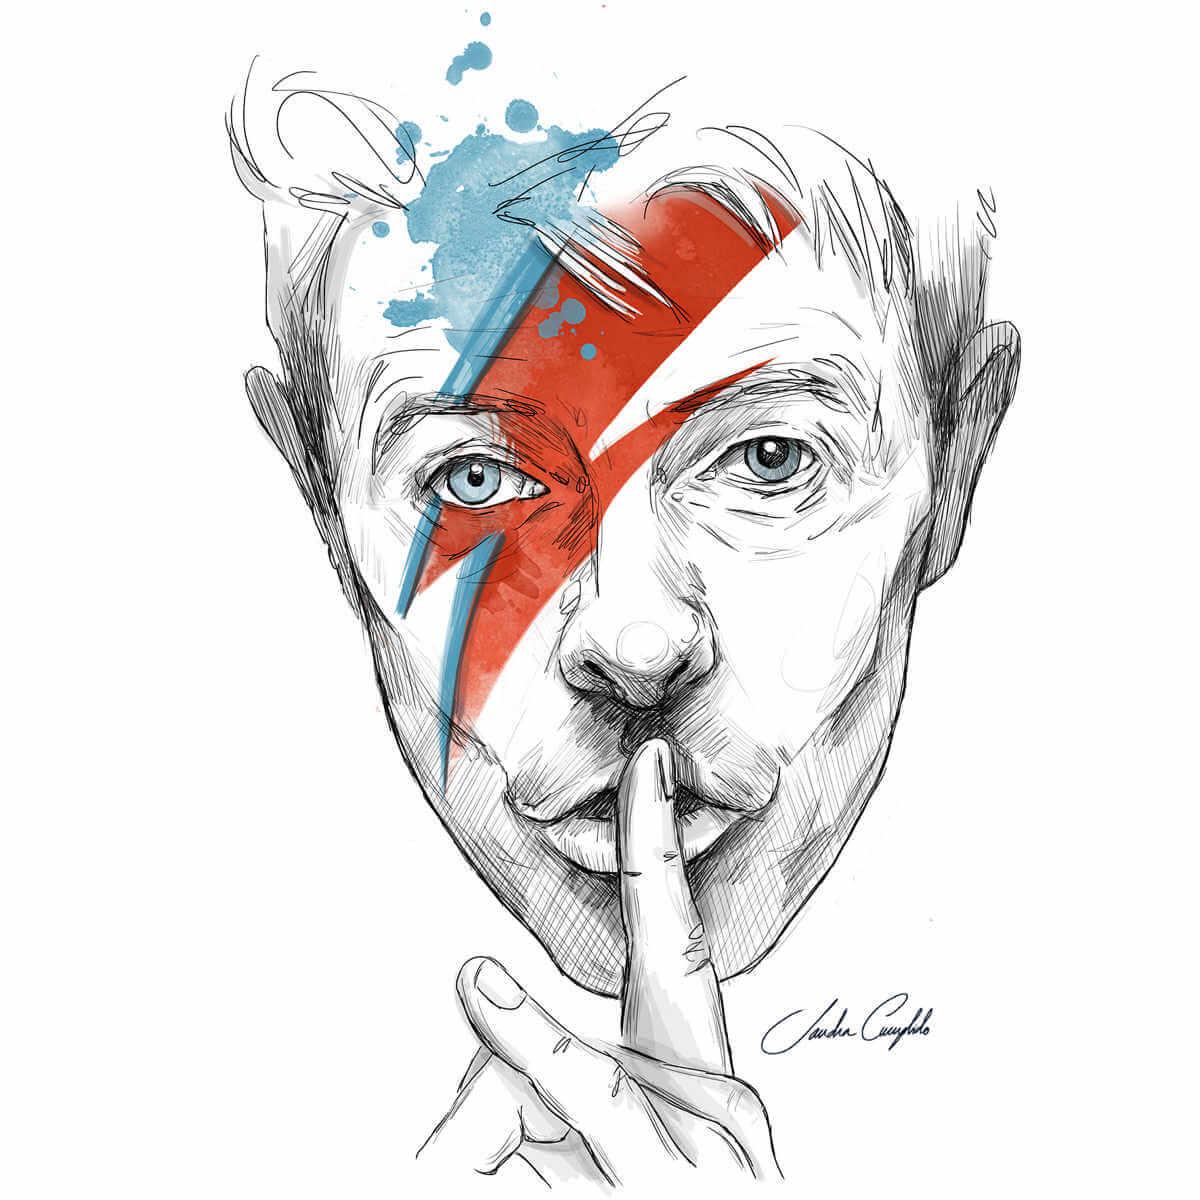 ilustración de david bowie aguacolor